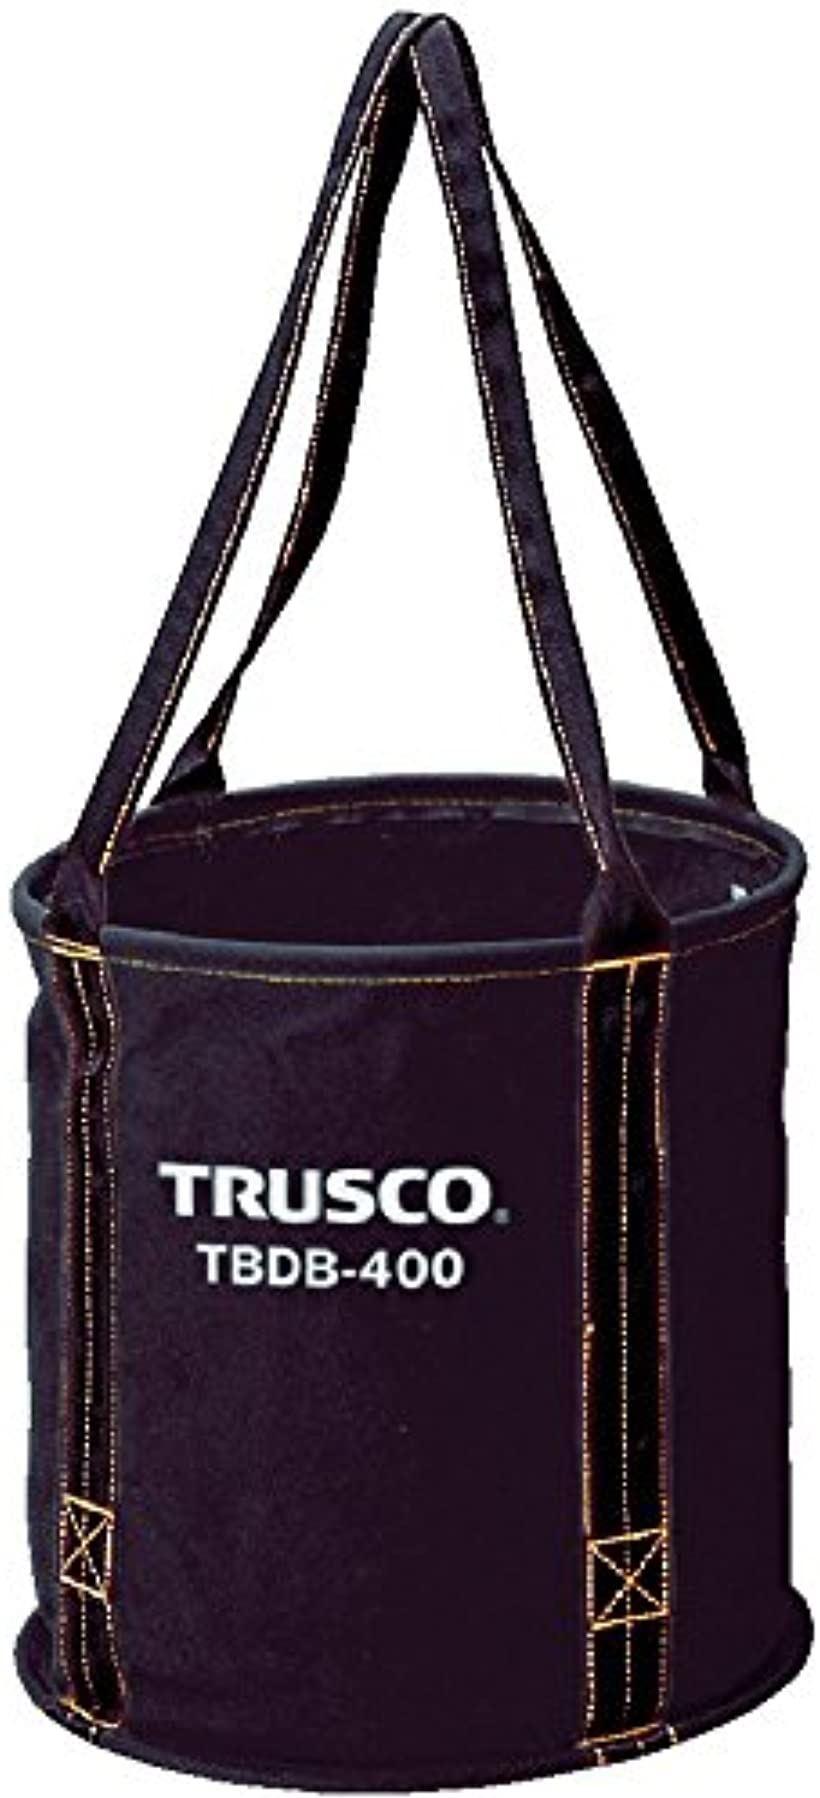 トラスコ 大型電工用バケツ ブラック Φ450X450 TBDB-450(ブラック, Φ450x450)